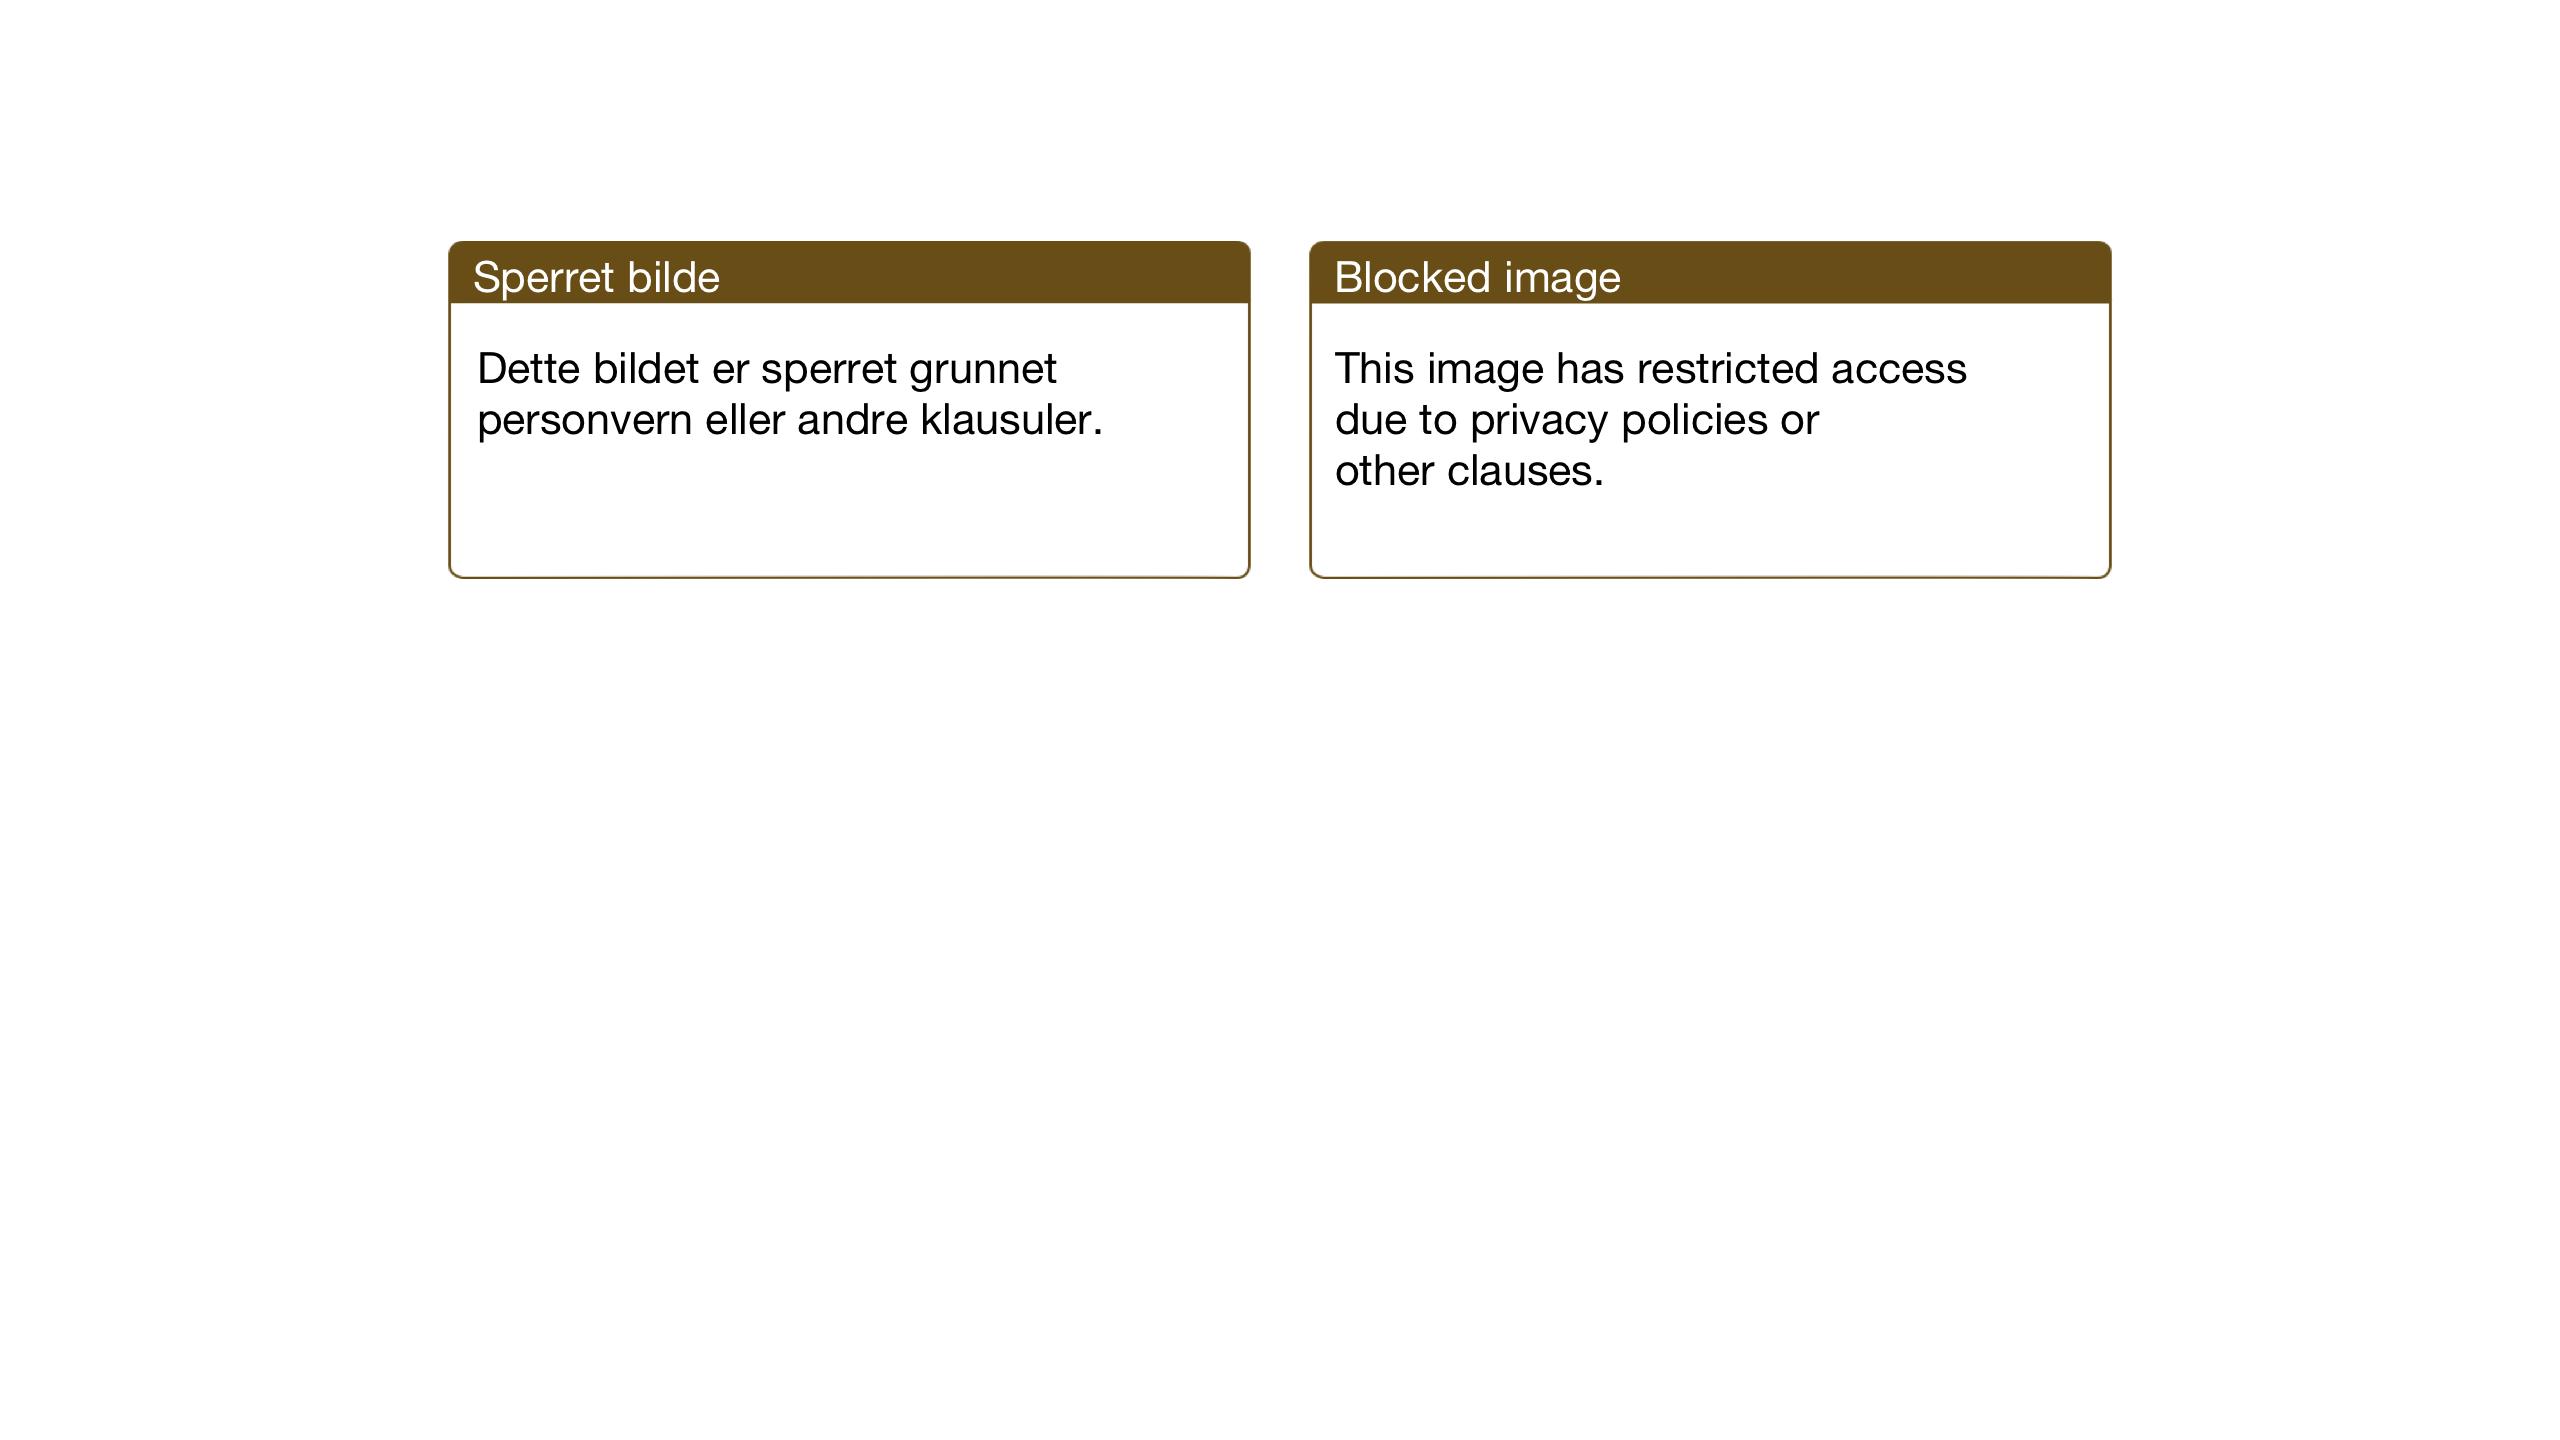 SAT, Ministerialprotokoller, klokkerbøker og fødselsregistre - Sør-Trøndelag, 657/L0718: Klokkerbok nr. 657C05, 1923-1948, s. 50